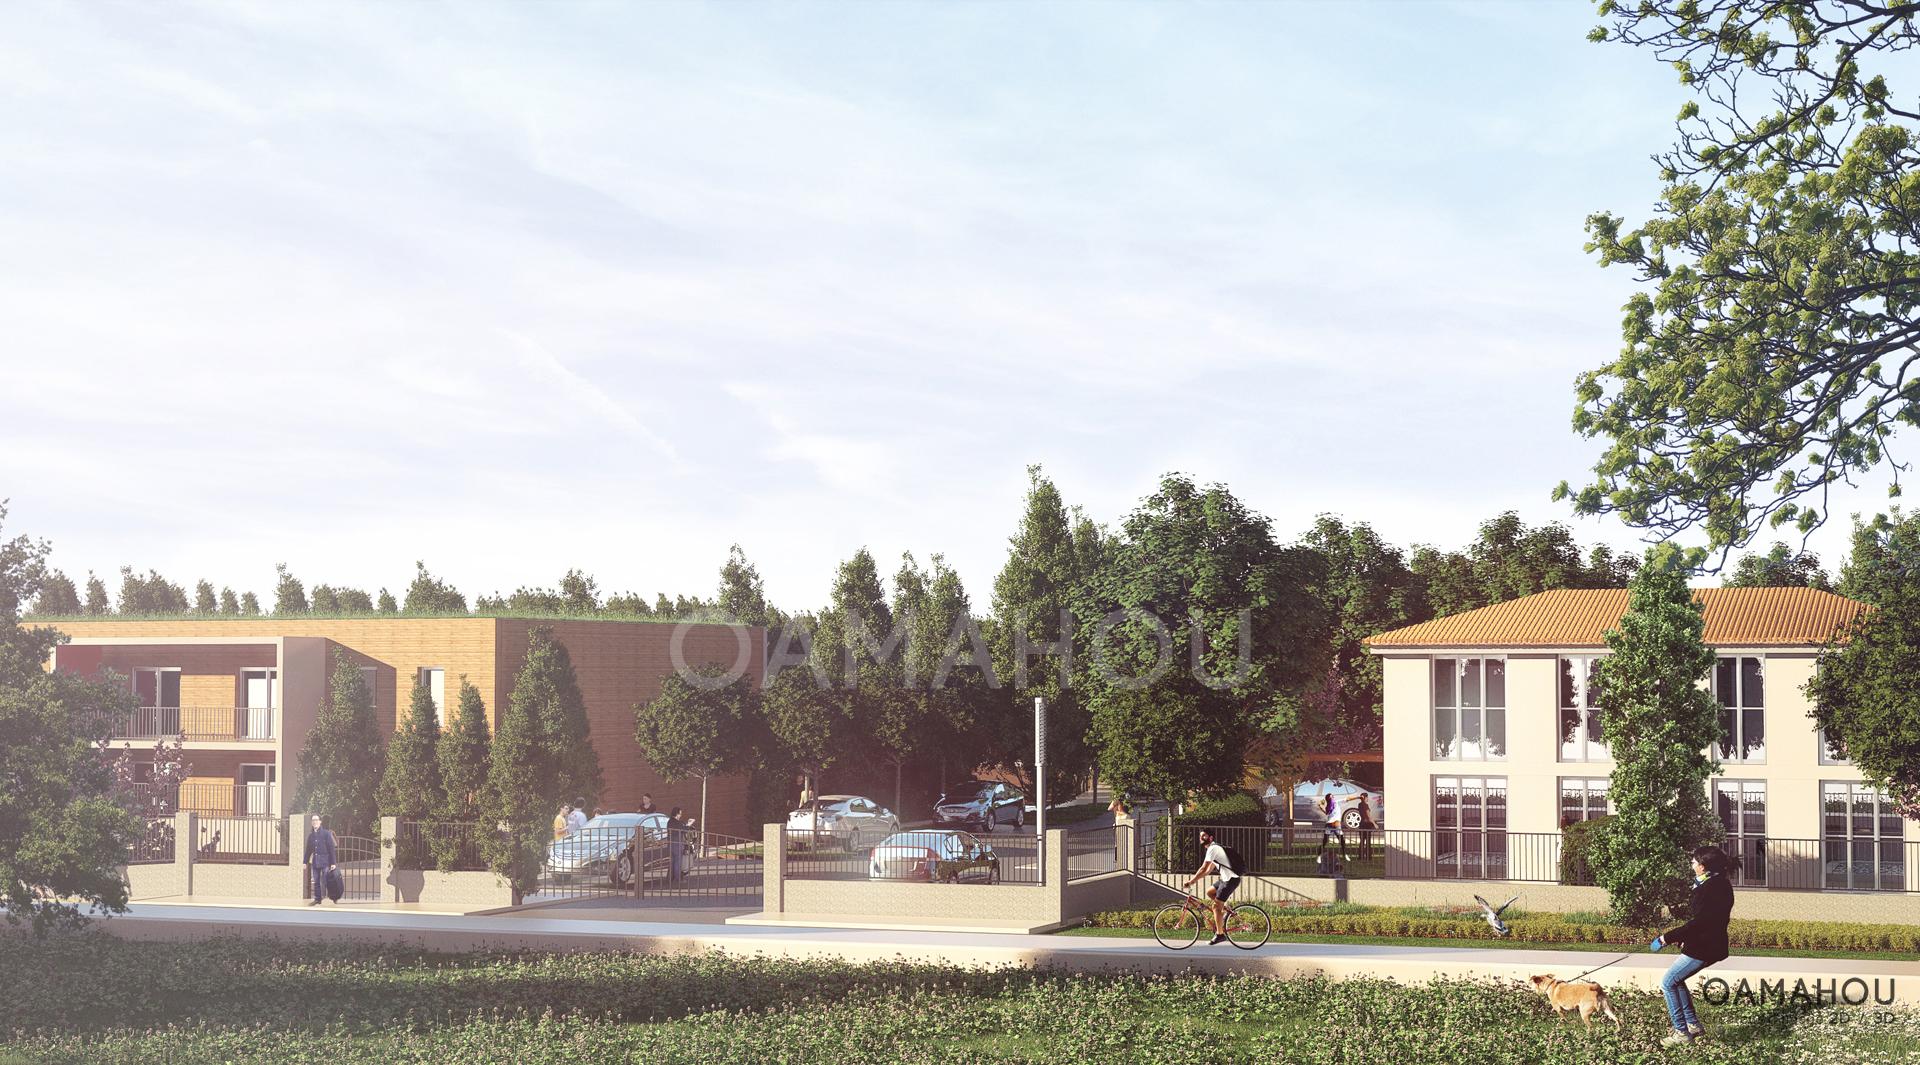 Architecture d'extérieur - Outmane AMAHOU - Client: Aire Publique / Citadia